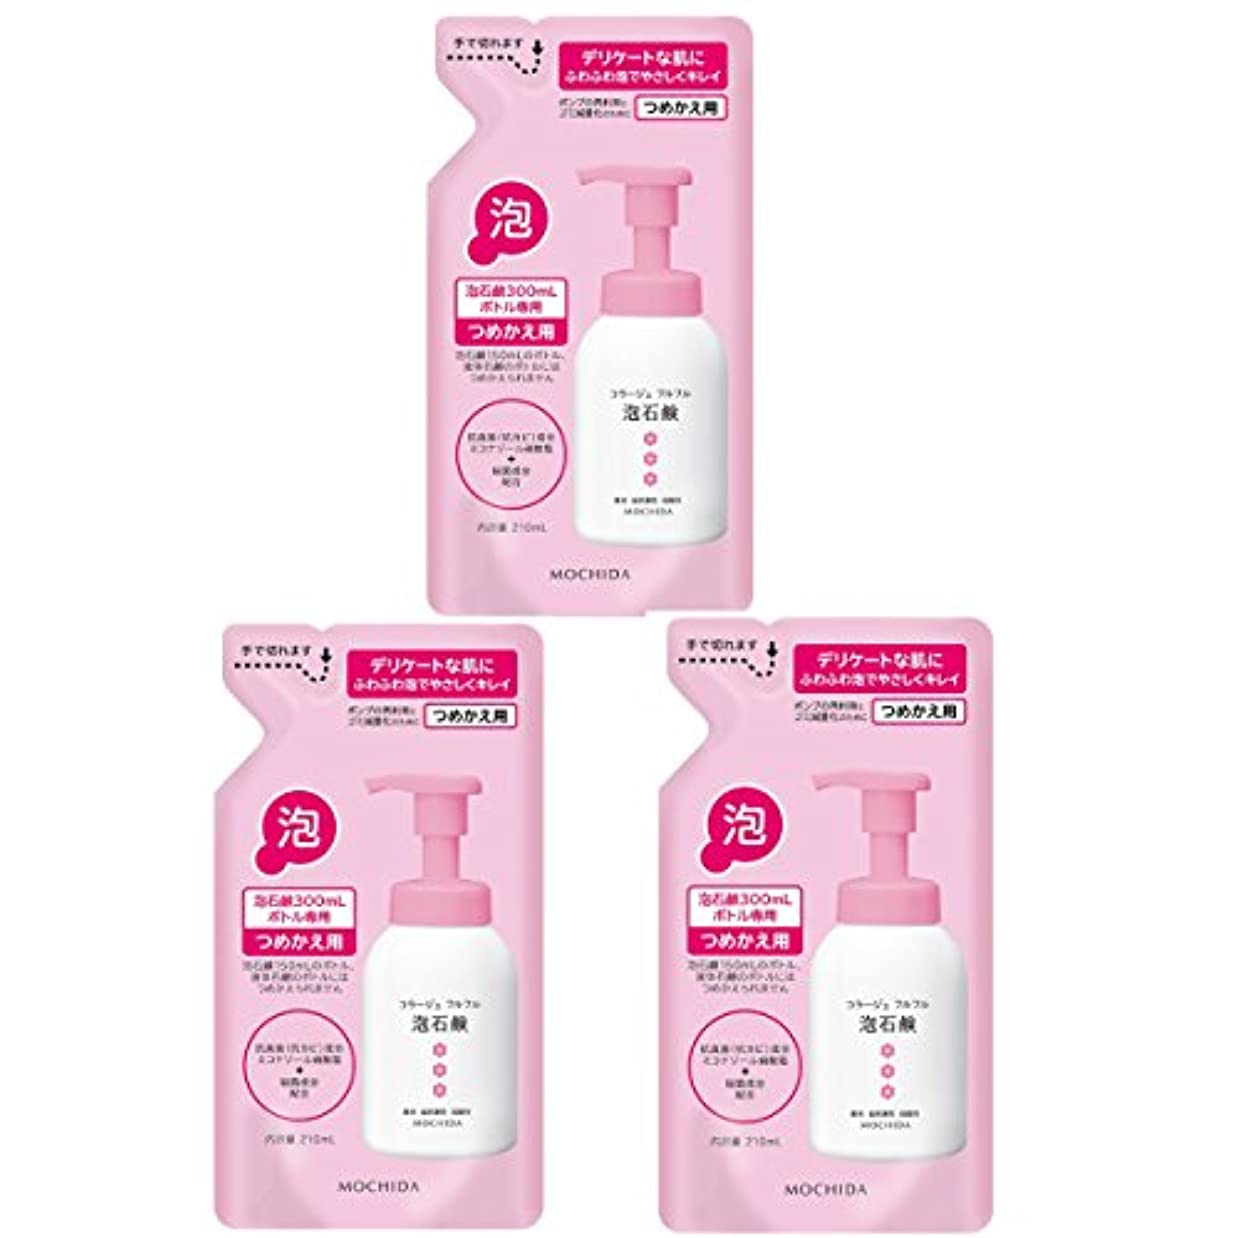 スキム着飾る安いですコラージュフルフル 泡石鹸 ピンク つめかえ用 210mL (医薬部外品)×3